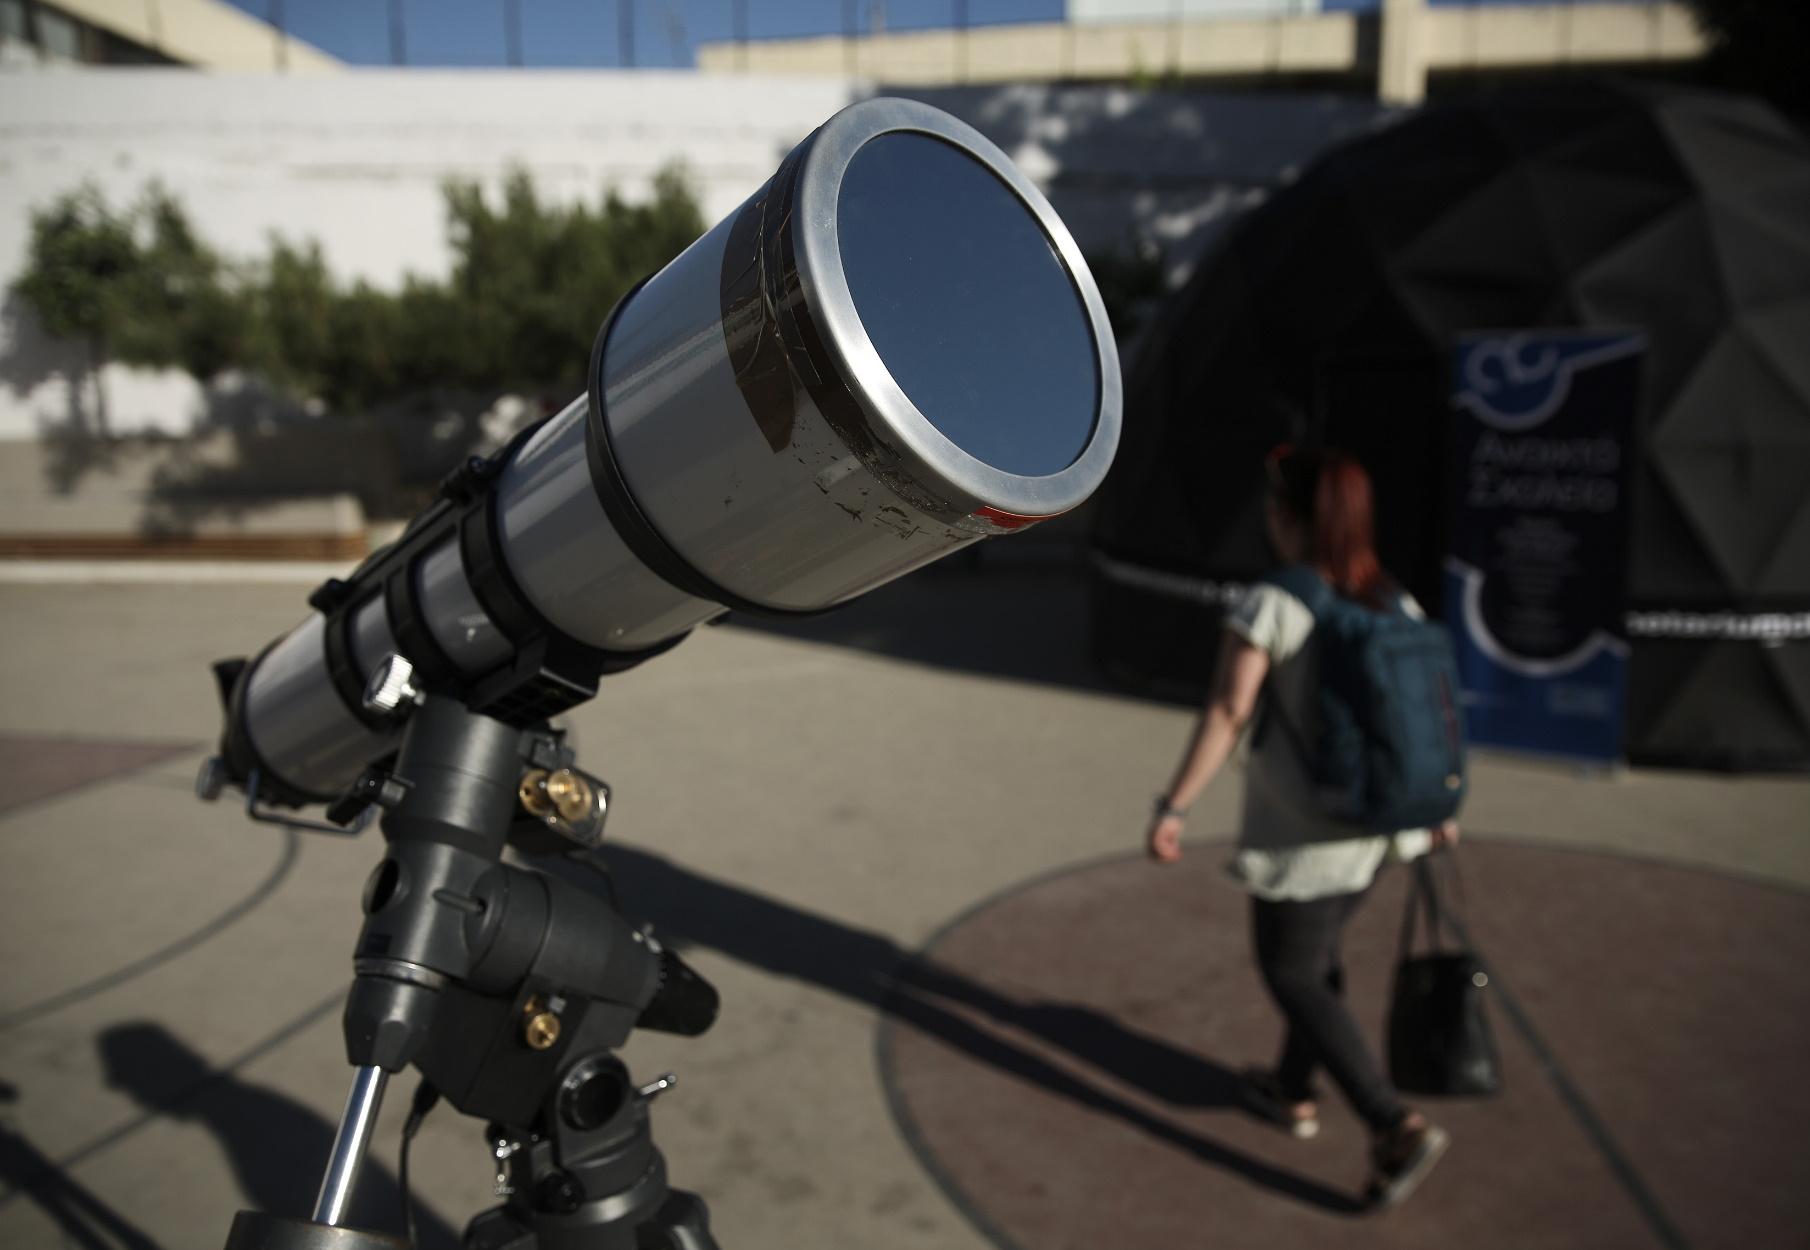 Διαδραστικές παραστάσεις από το Εθνικό Αστεροσκοπείο Αθηνών